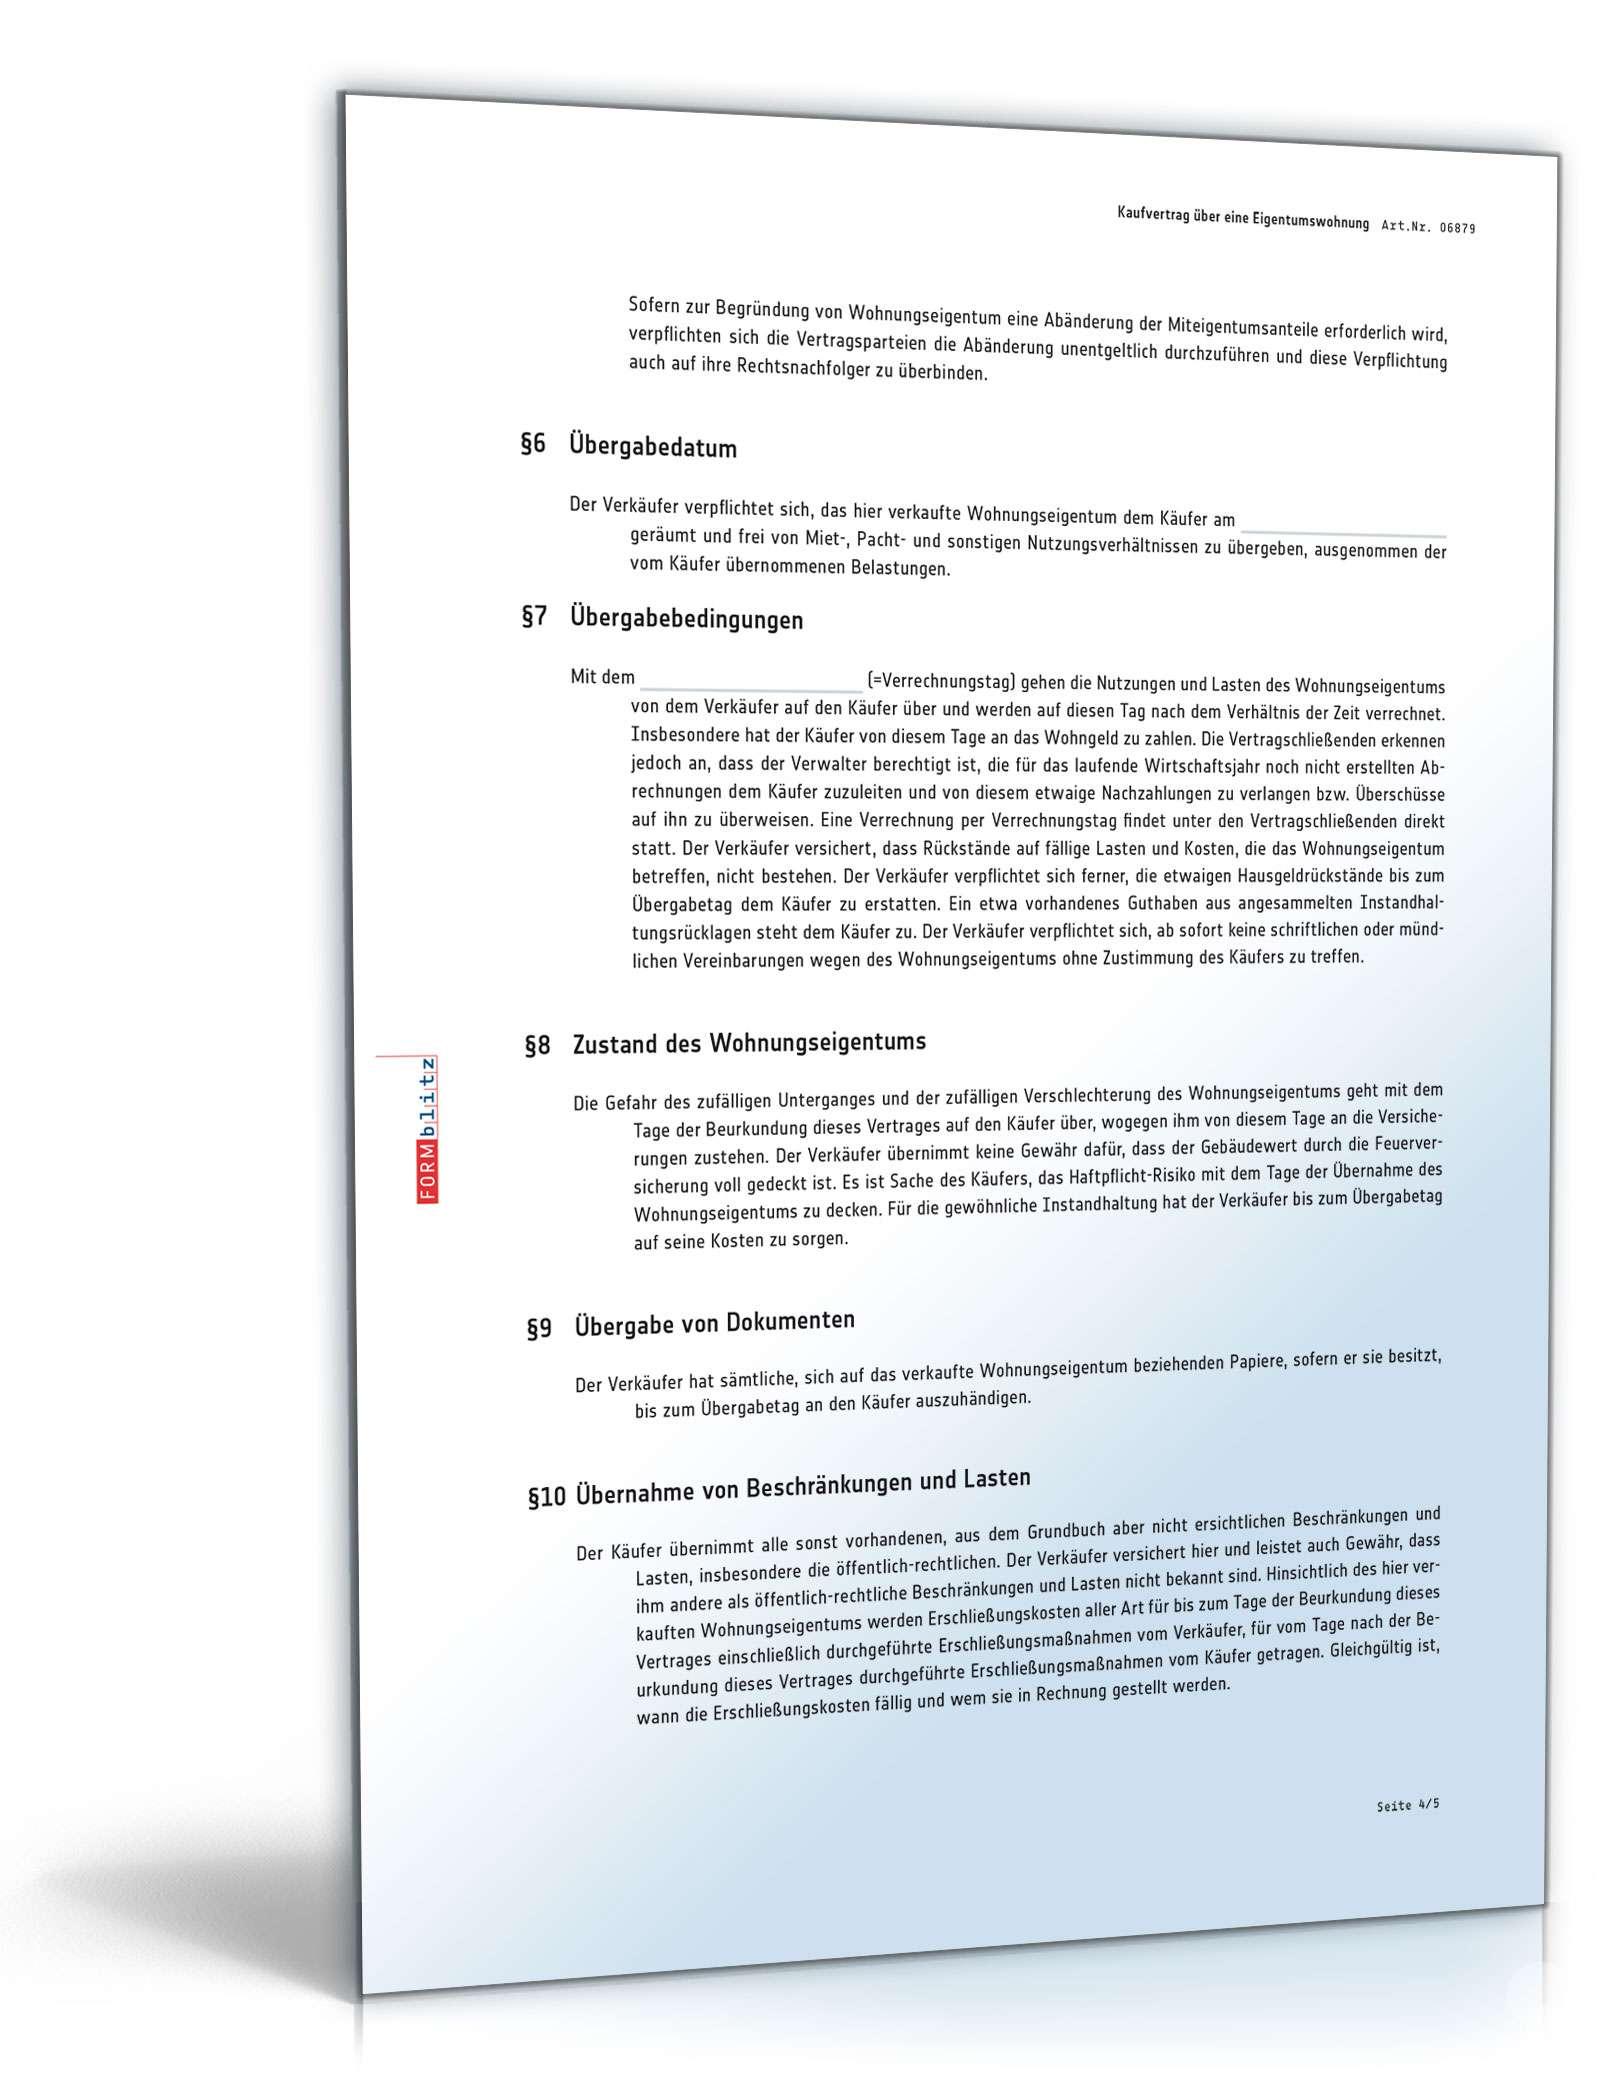 03/10/· Bei dem kostenlosen Muster handelt es sich um ein unverbindliches Muster aus unserem MusterWIKI (Mitmach-Vorlagen). Für die Richtigkeit, Vollständigkeit und Aktualität der Vorlage .